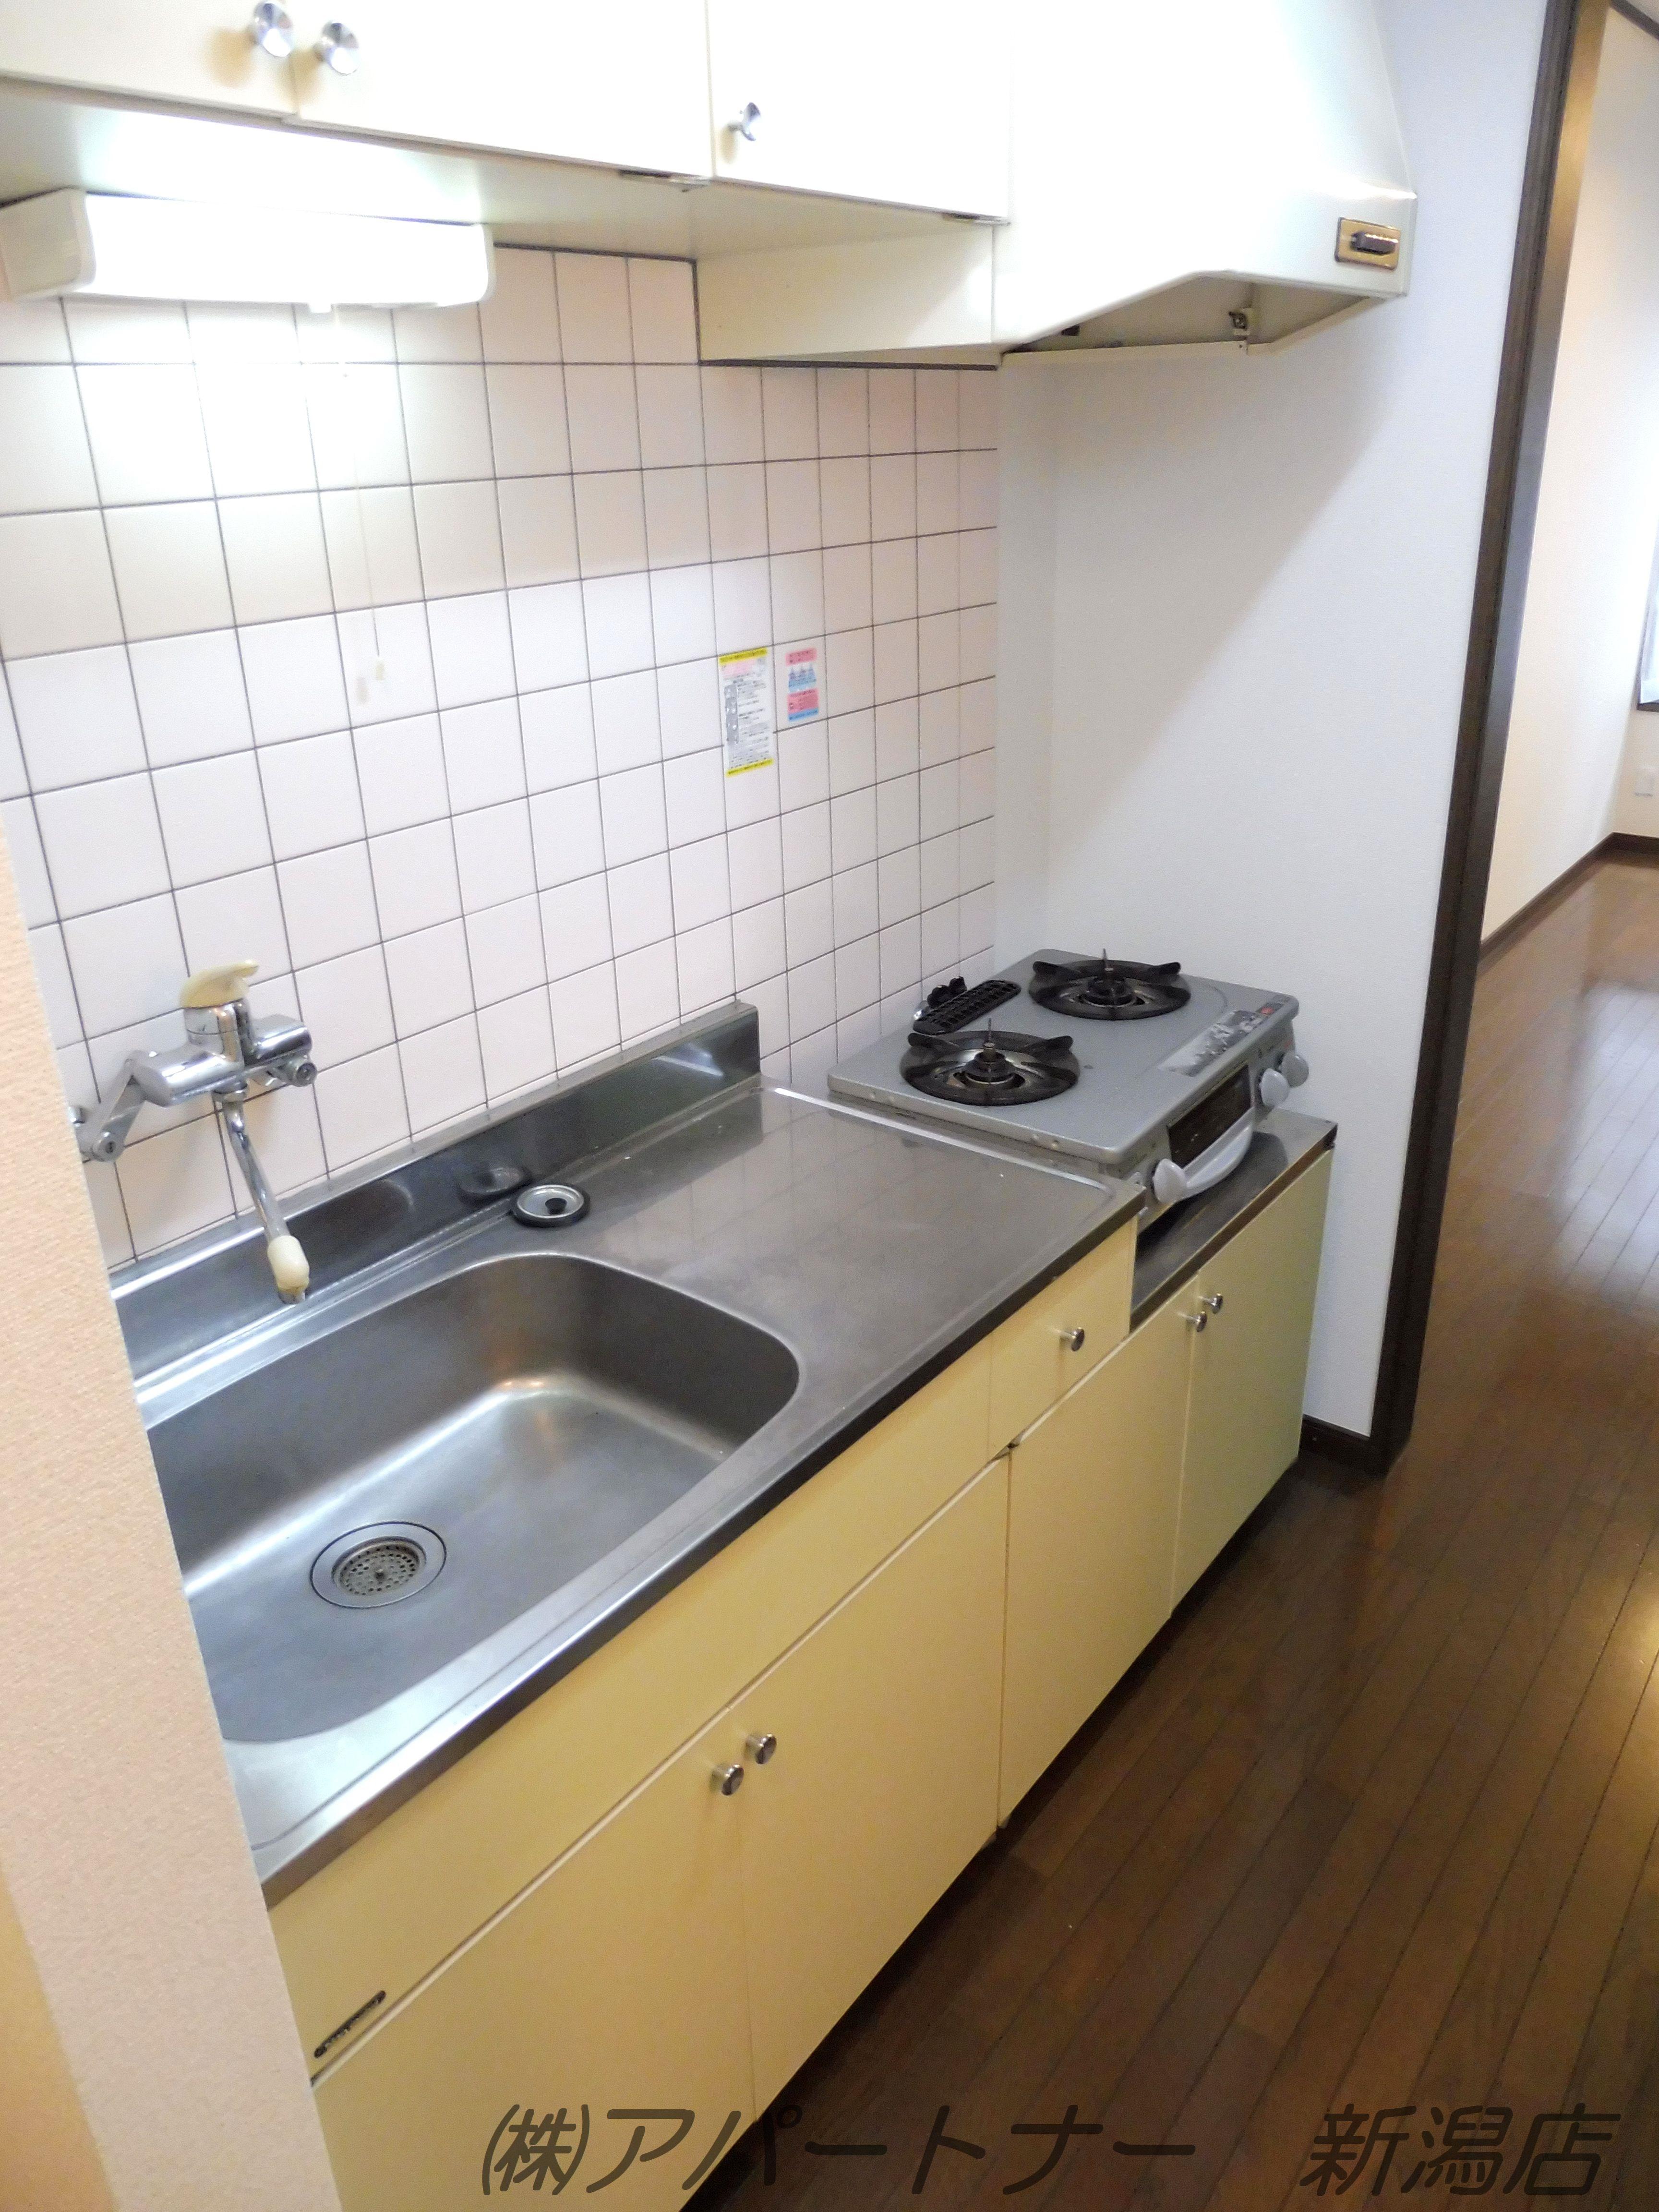 料理をする方におすすめの広めのキッチンです。